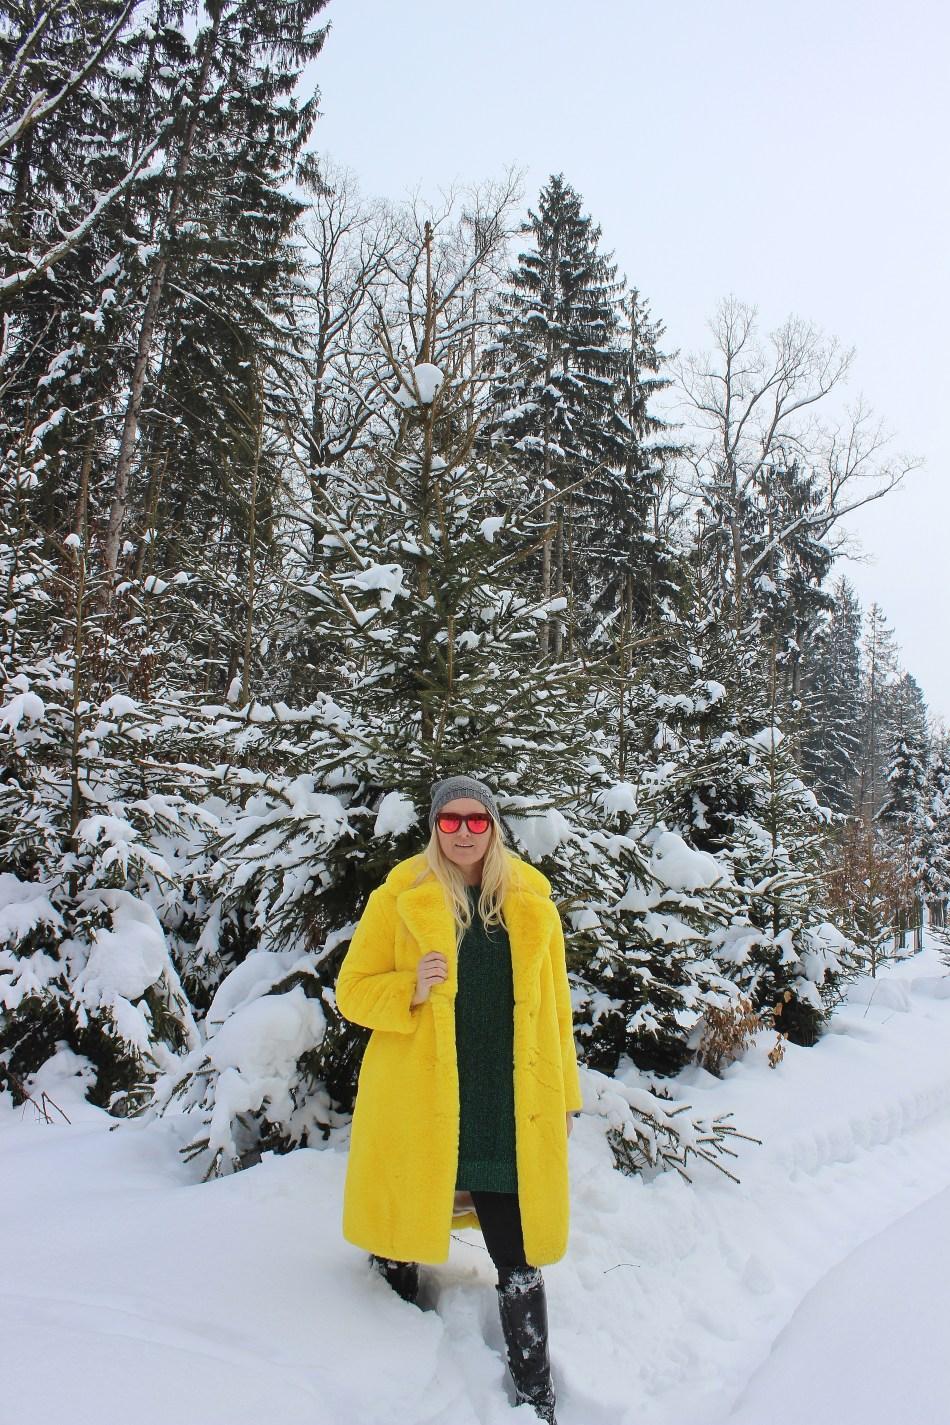 Winter-Wonderland-Schneelandschaft-Südsteiermark-Südsteirische-Weinstraße-Leutschach-Herzerlstraße-carrieslifestyle-Fake-Fur-Coat-Fauxfur-Mango-Tamara-Prutsch